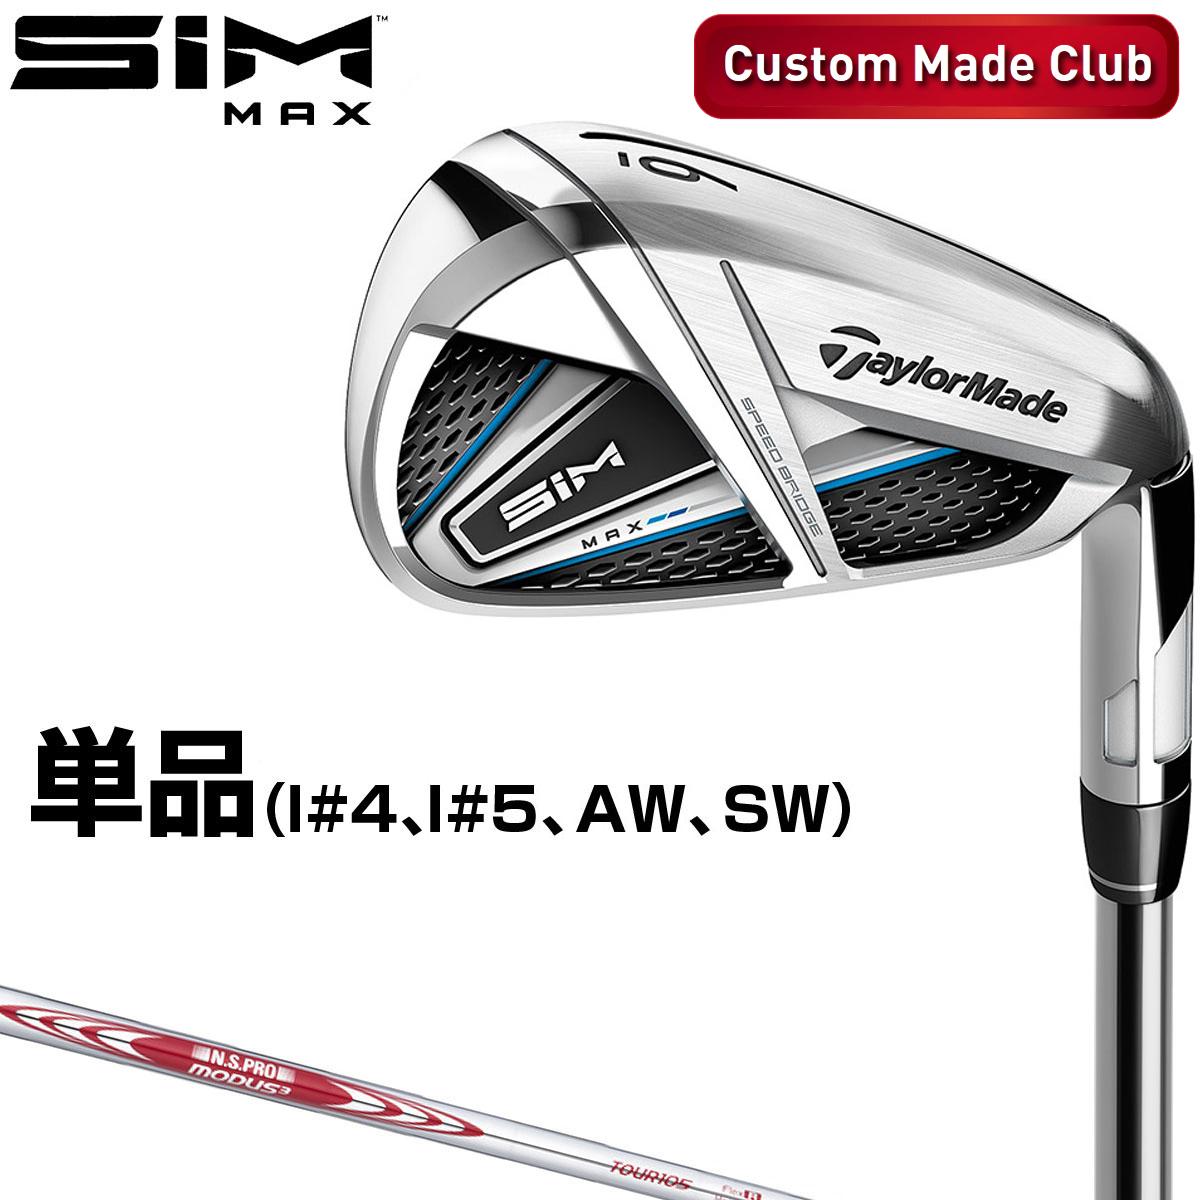 「カスタムメイドクラブ」TaylorMade(テーラーメイド)日本正規品 SIM MAX(シムマックス)アイアン 2020新製品 NSPRO MODUS3 TOUR105スチールシャフト 単品(I#4、I#5、AW、SW)